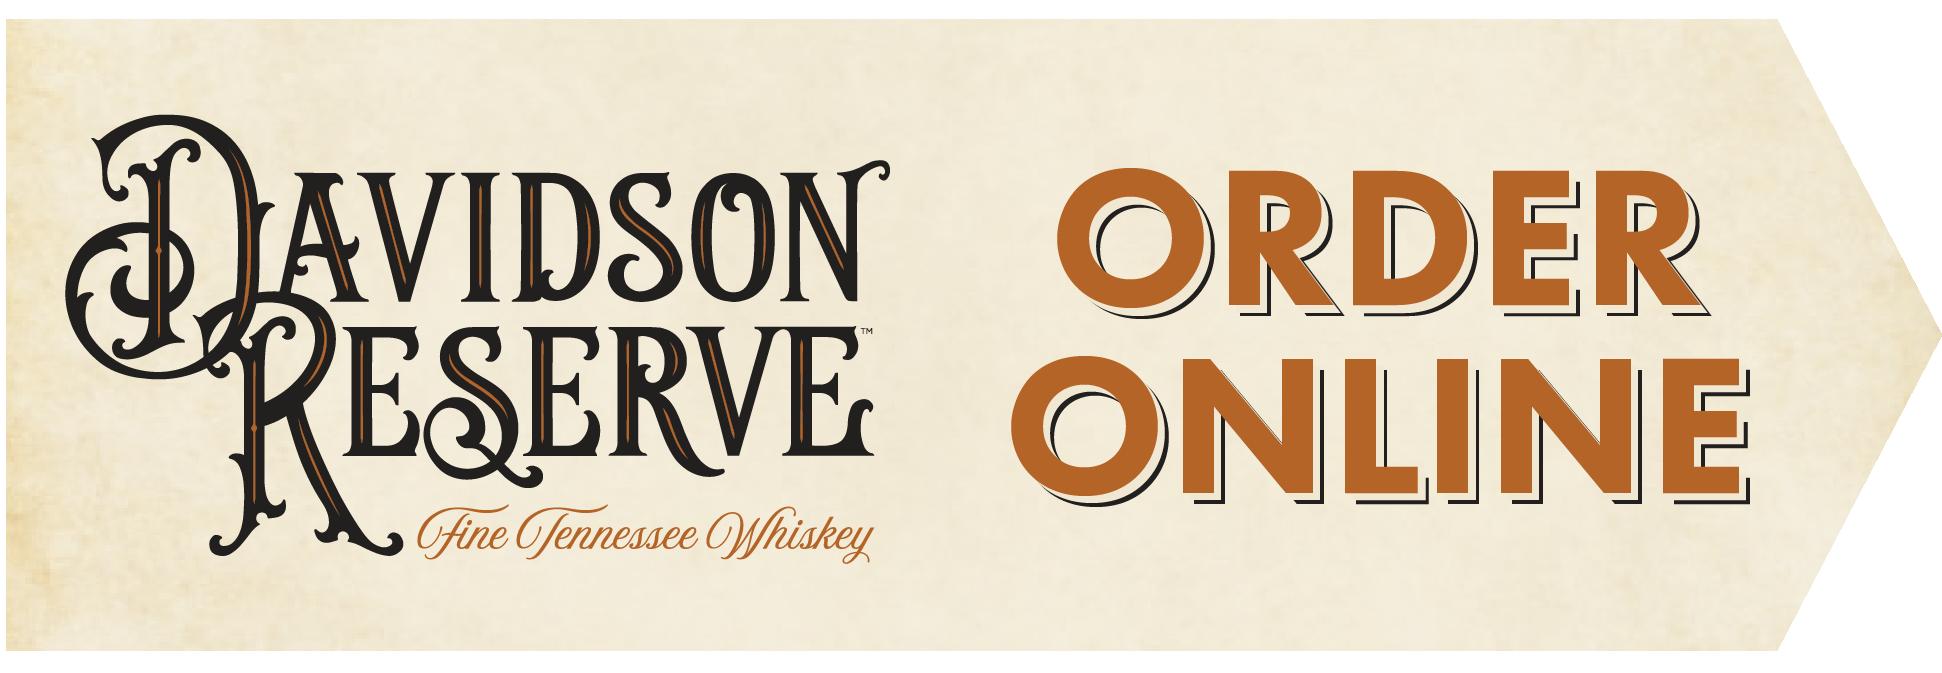 Order Davidson Reserve Online